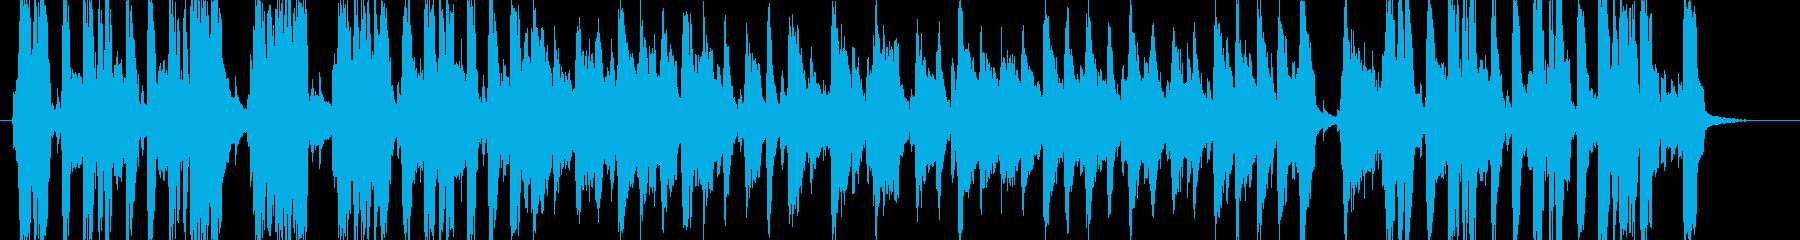 【CM, PV】口笛吹いてお散歩の再生済みの波形